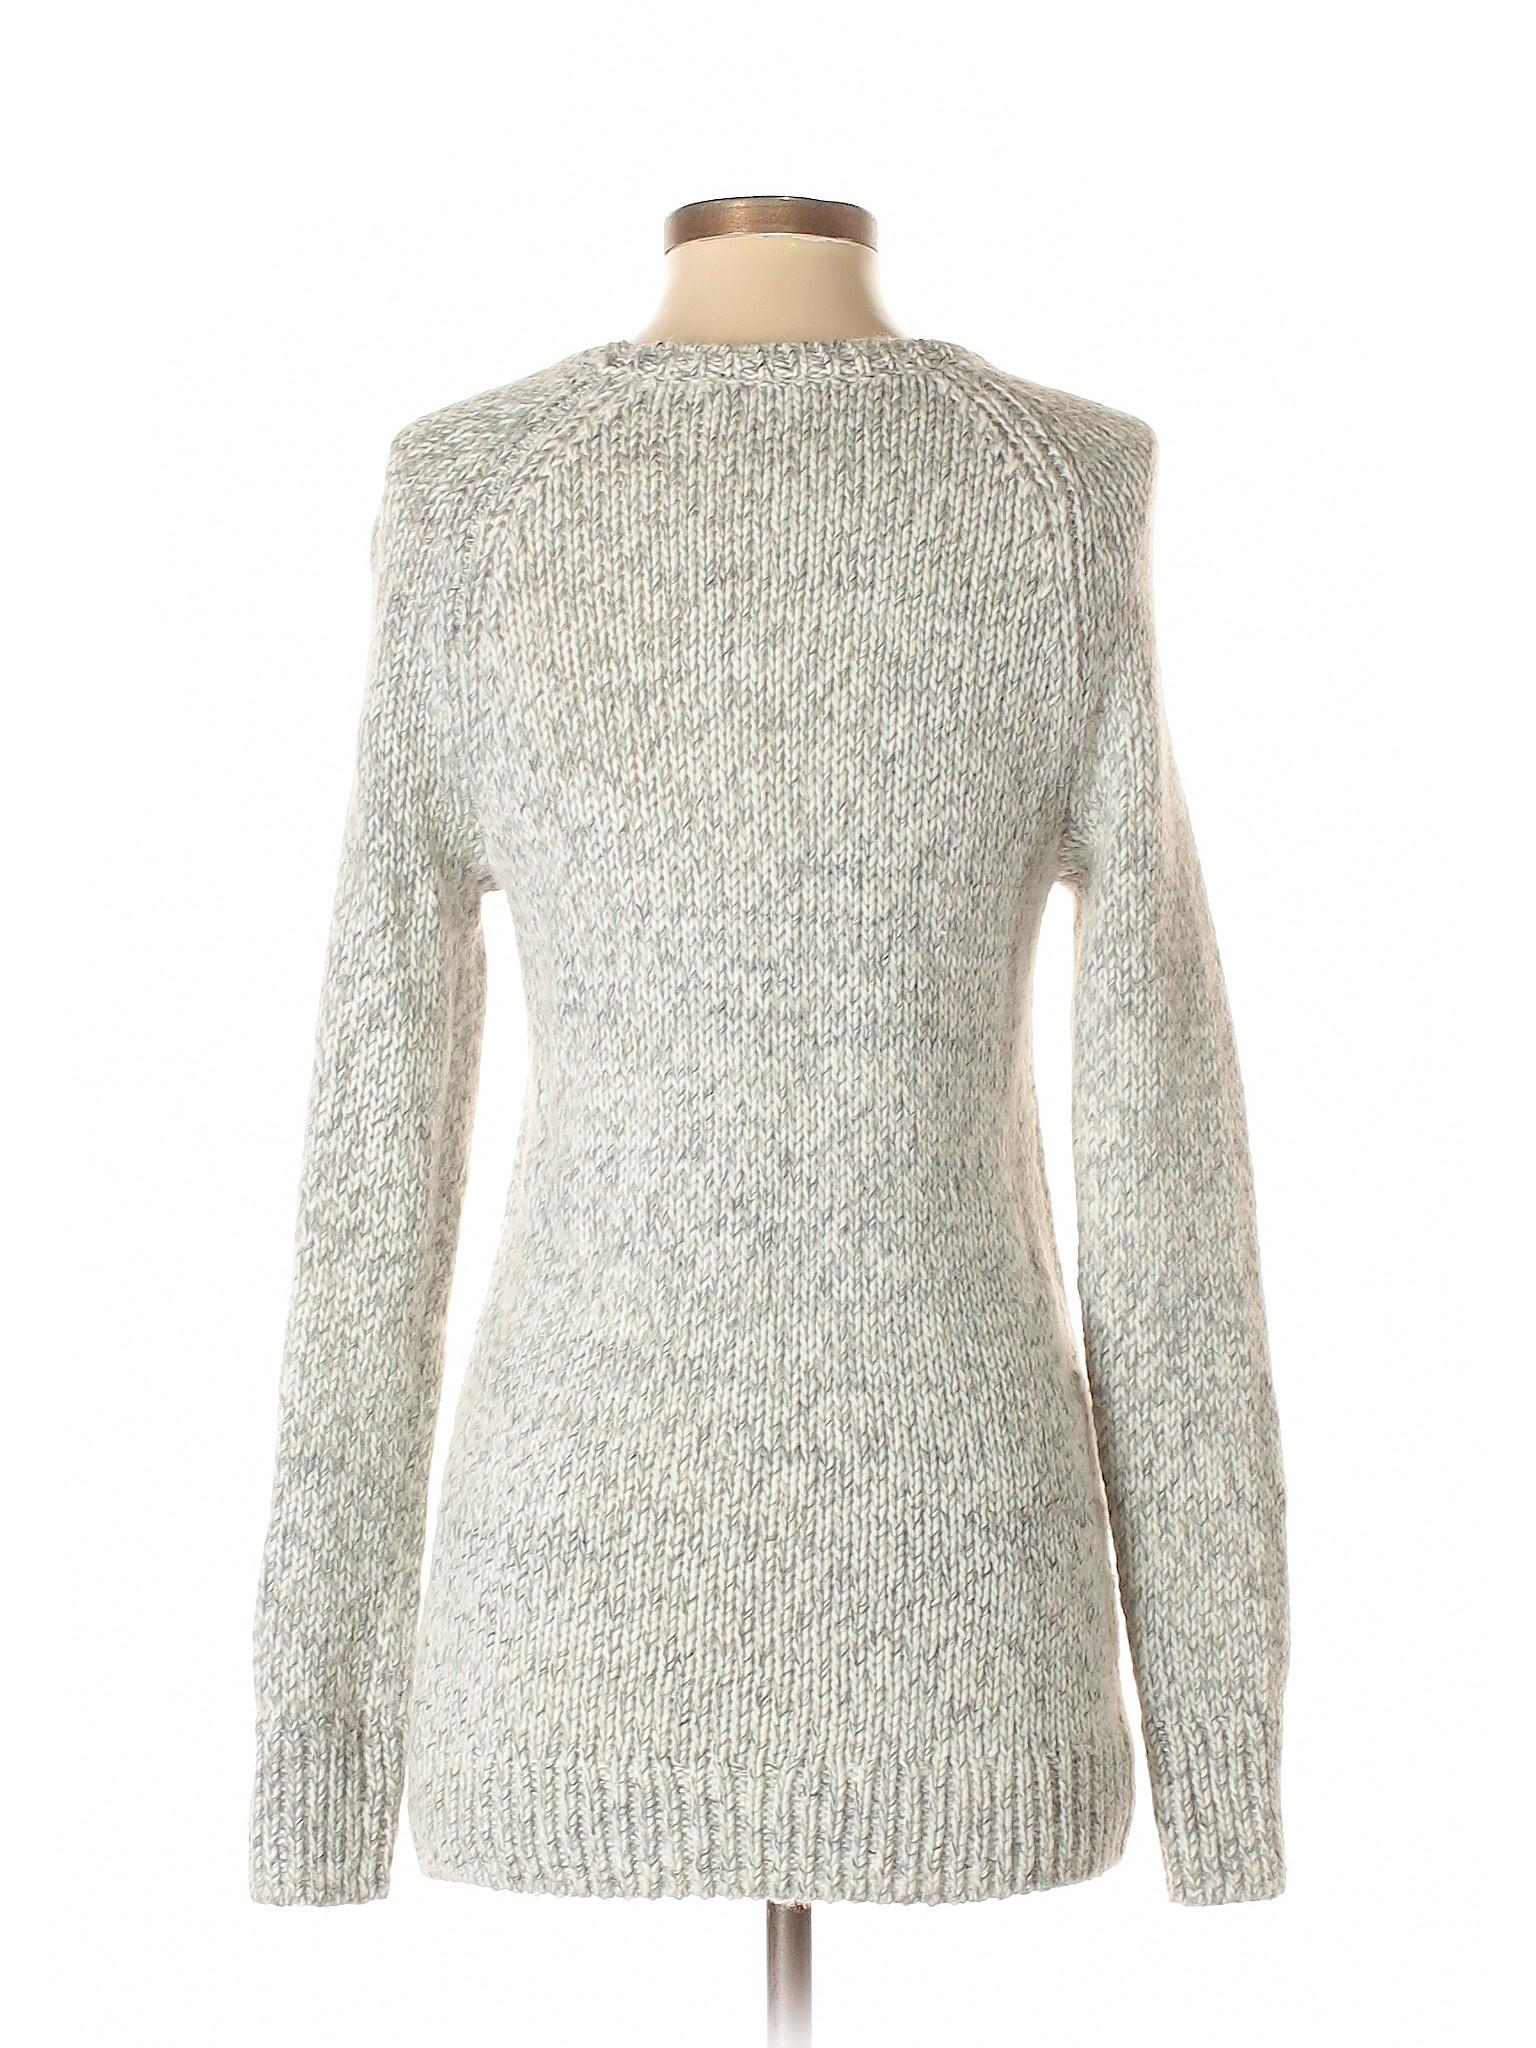 Gap Sweater Boutique Gap Boutique Pullover Pullover 1SPqOx